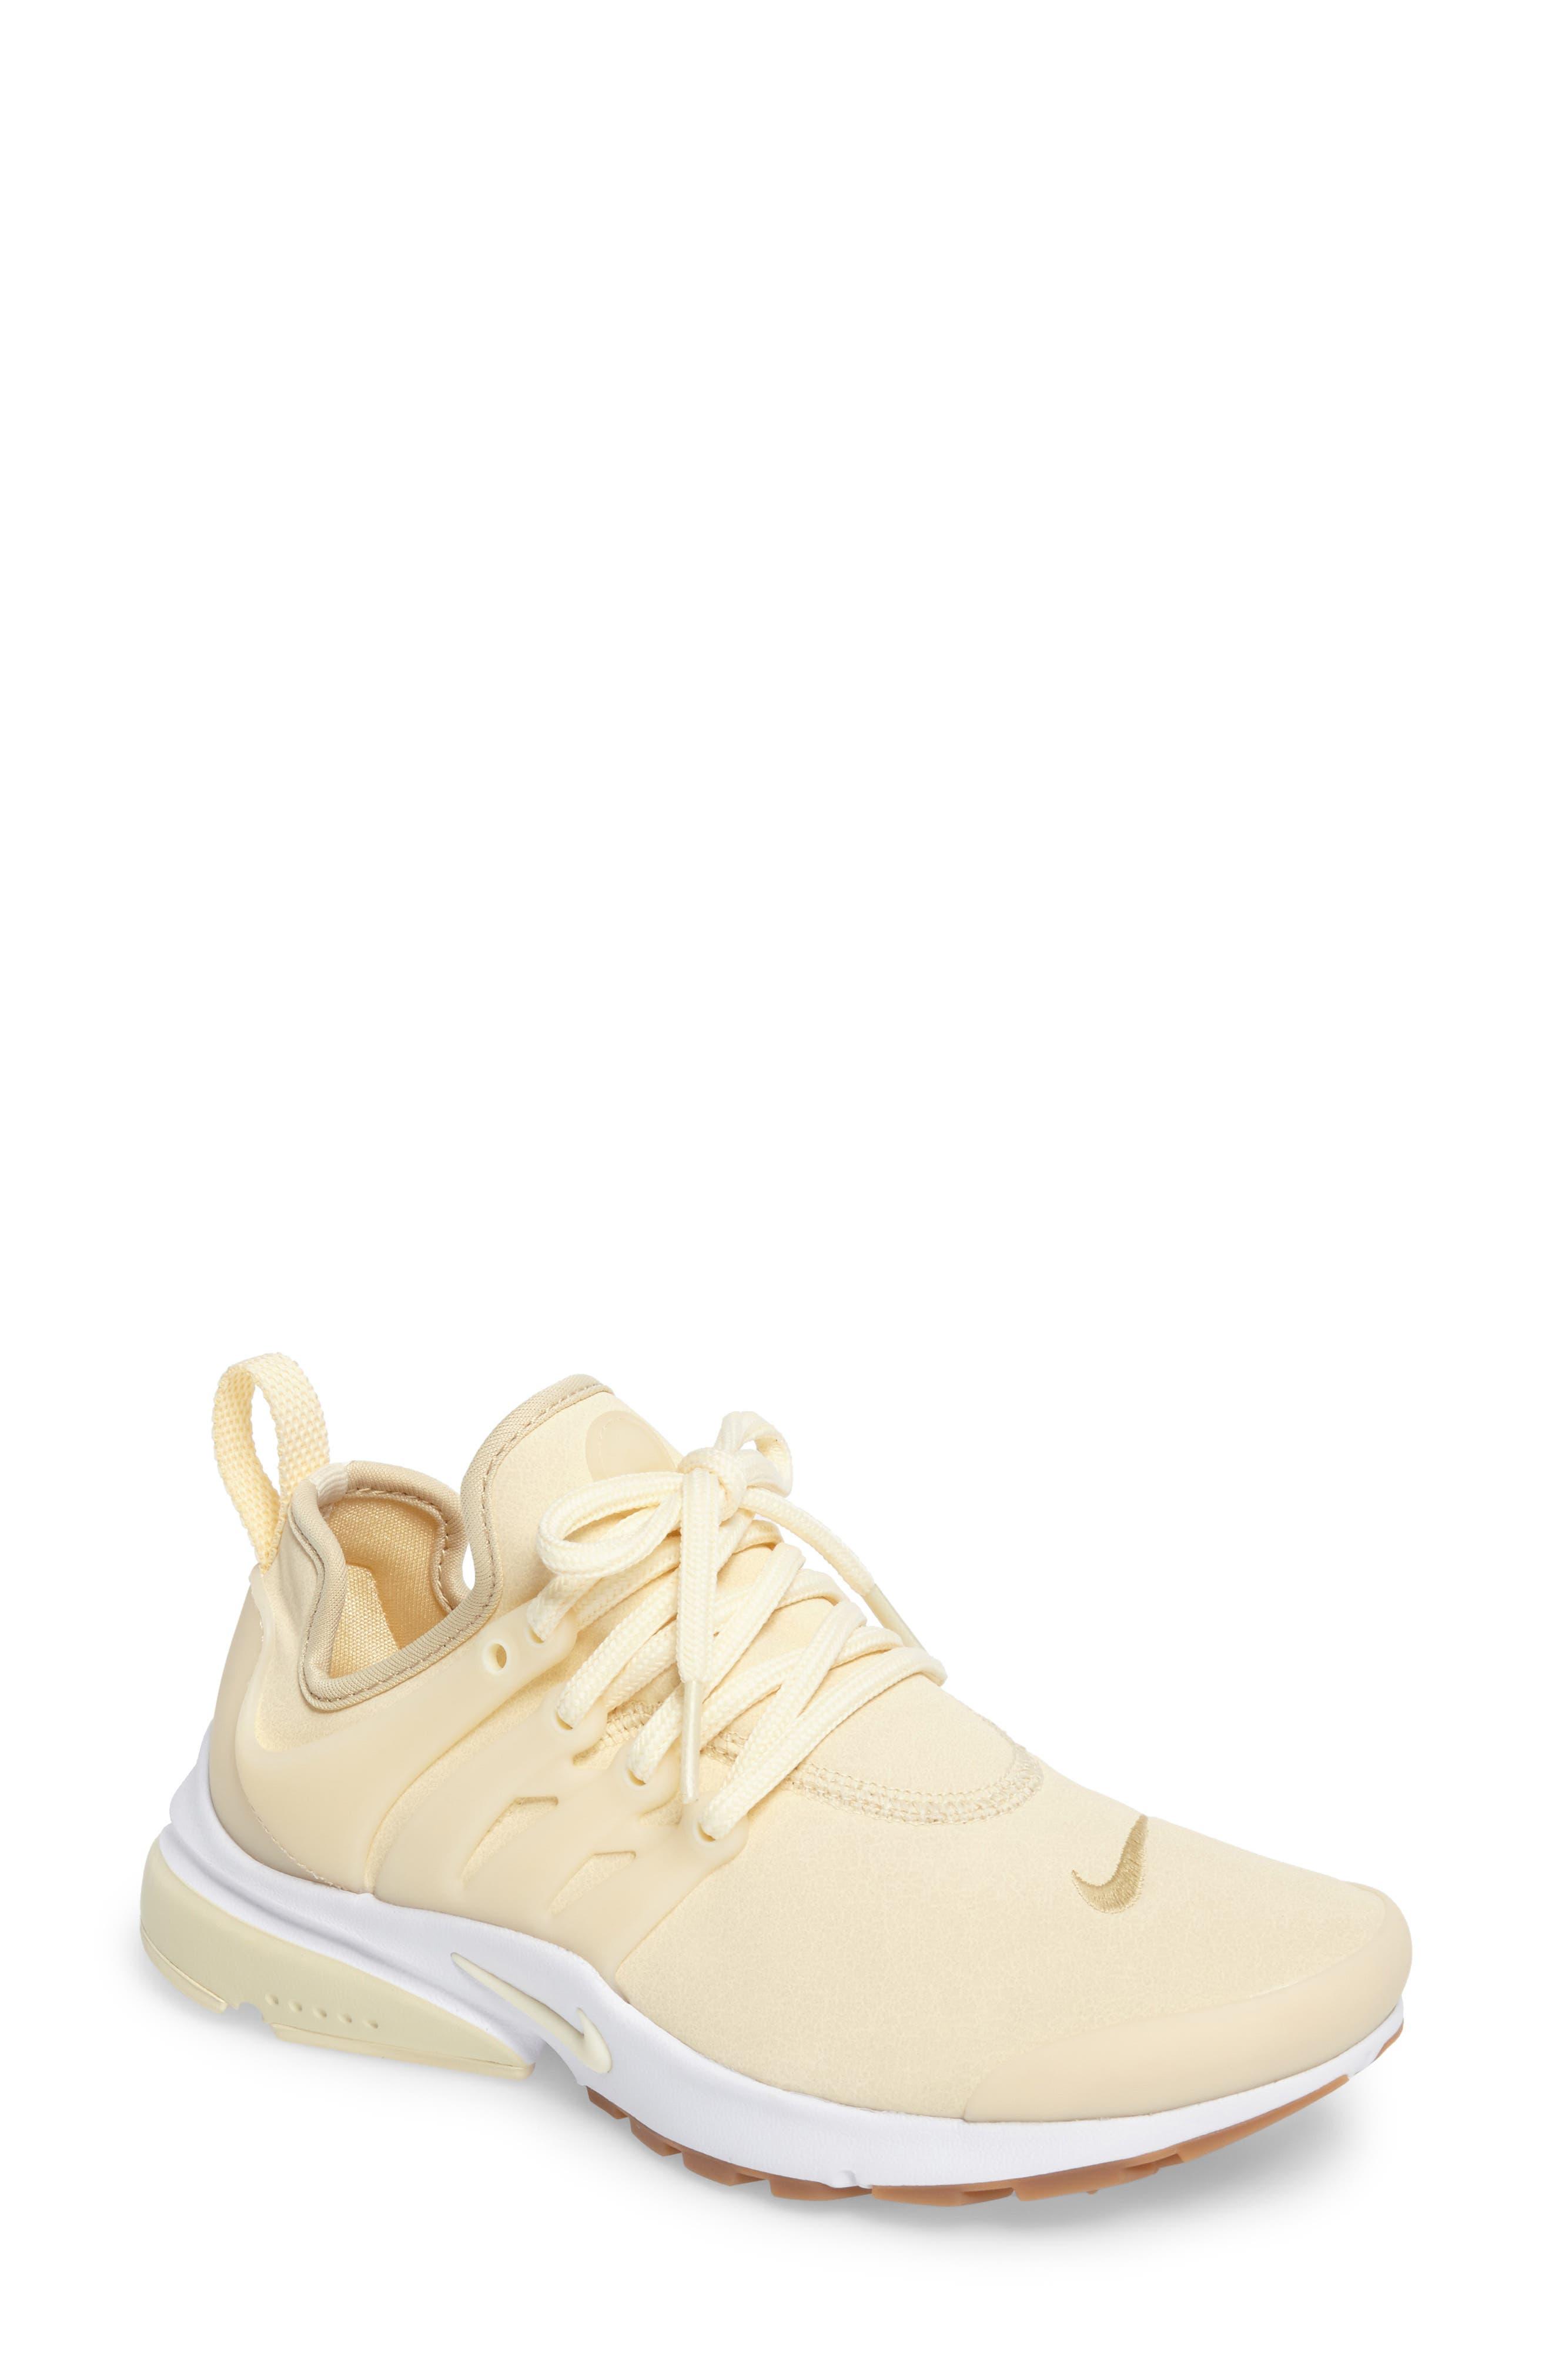 Alternate Image 1 Selected - Nike Air Presto Premium Sneaker (Women)